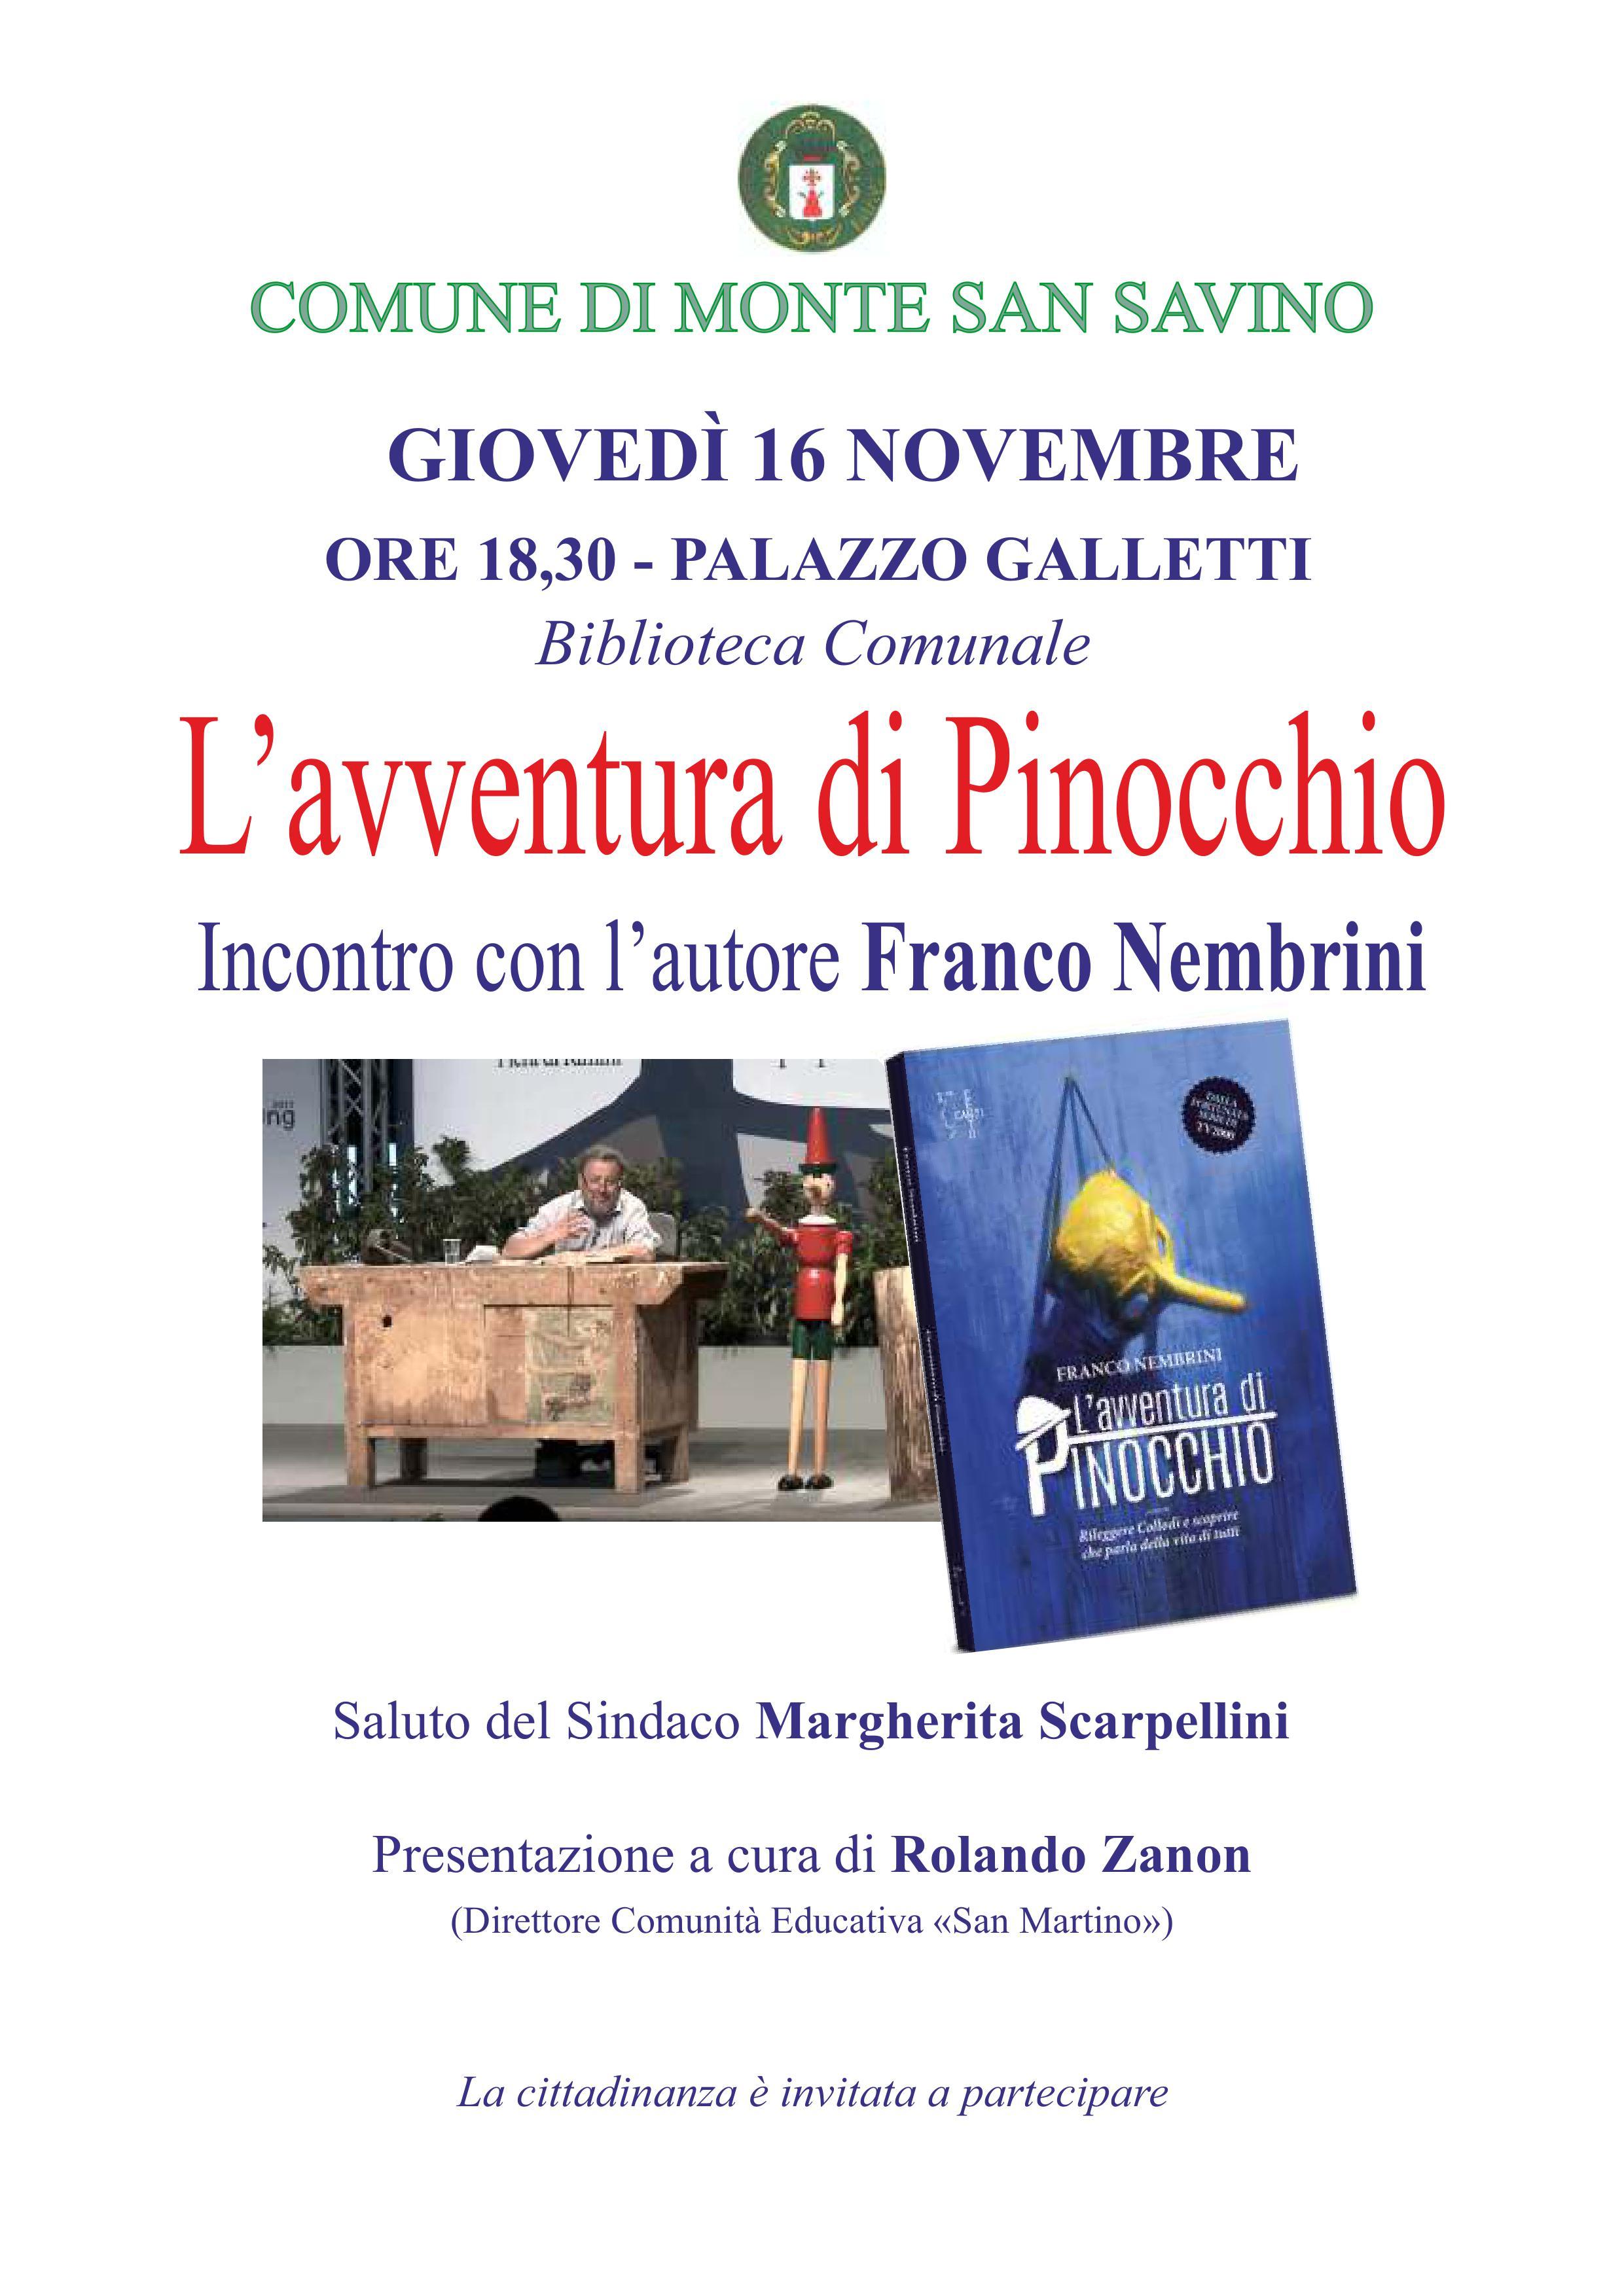 L'avventura di Pinocchio alla Biblioteca Comunale di Monte San Savino